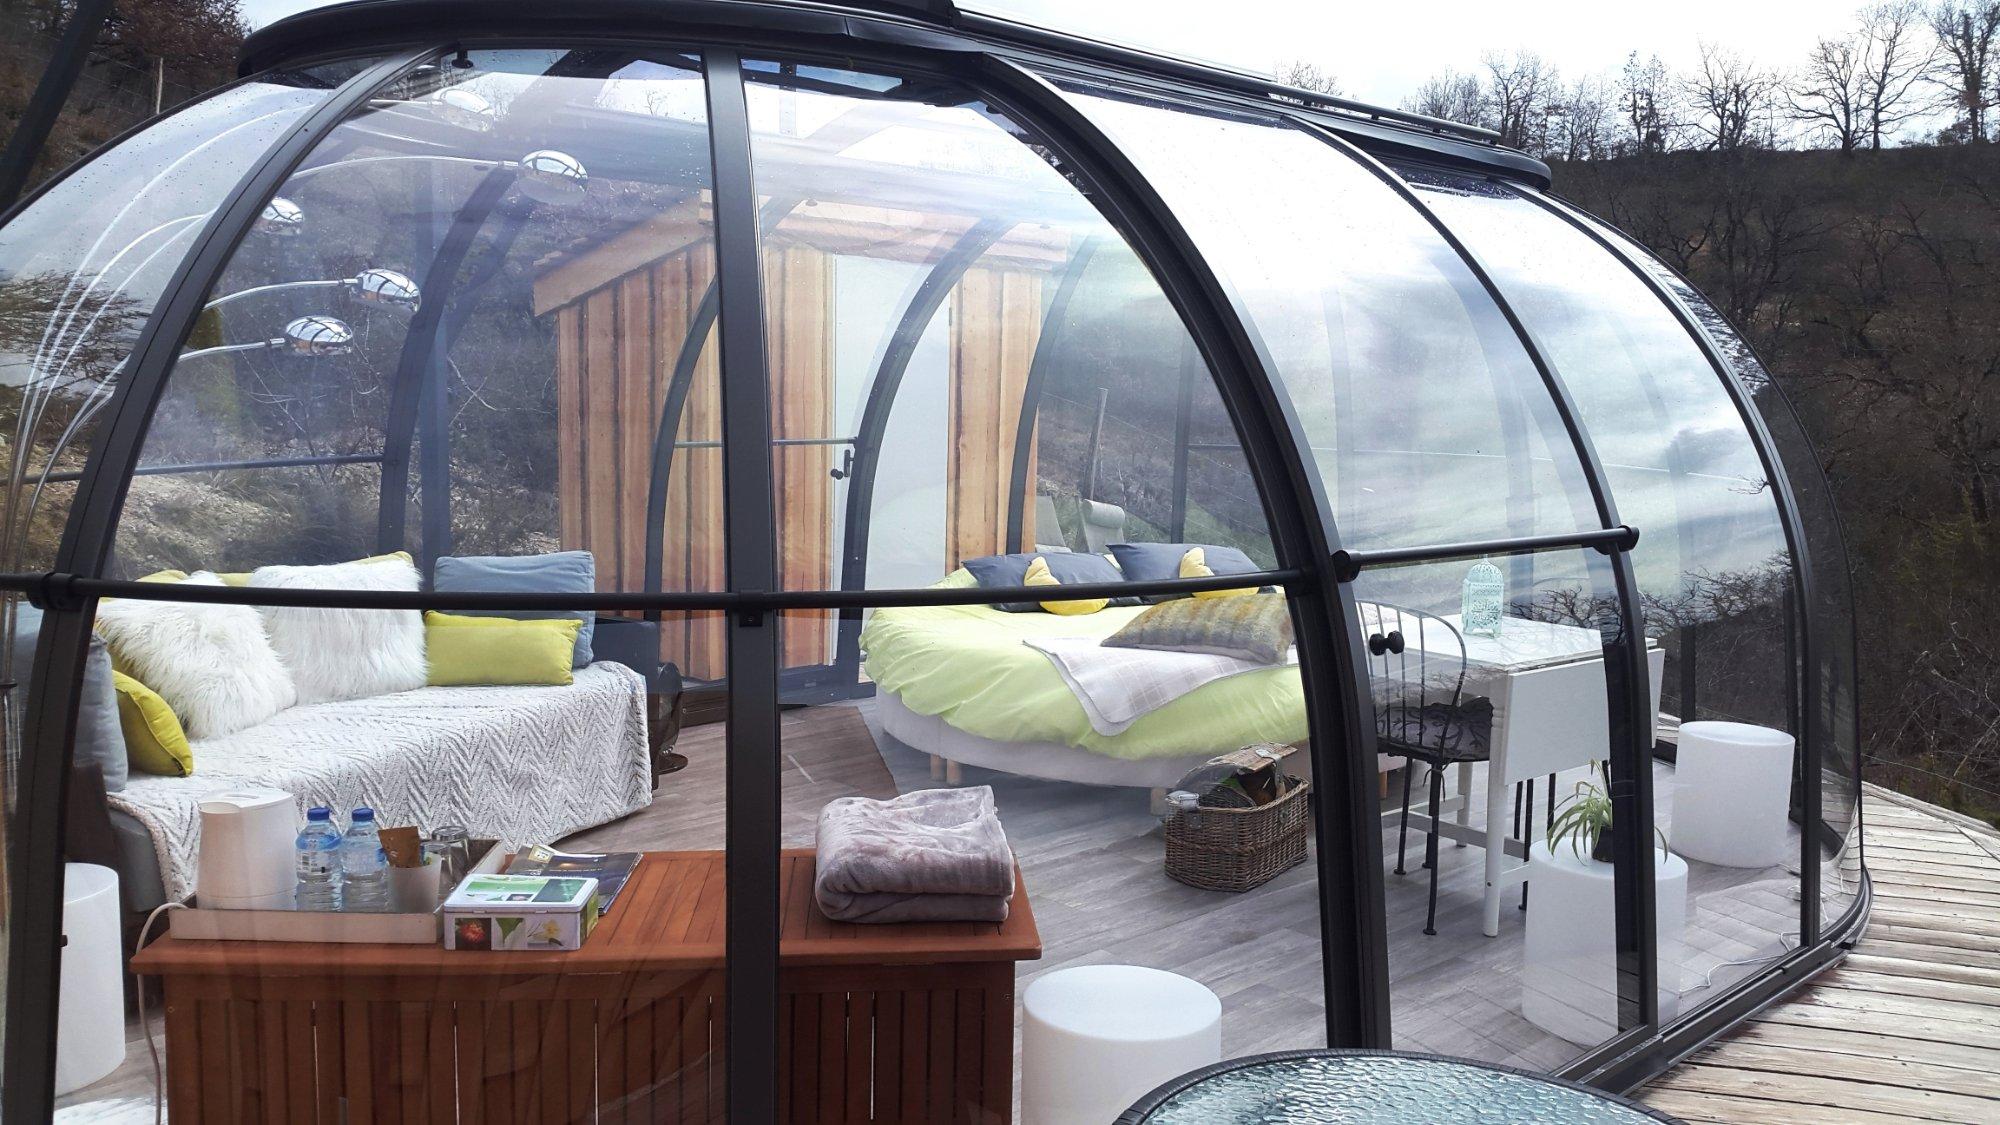 les gouttes d 39 eau nuit insolite en bulle occitanie. Black Bedroom Furniture Sets. Home Design Ideas